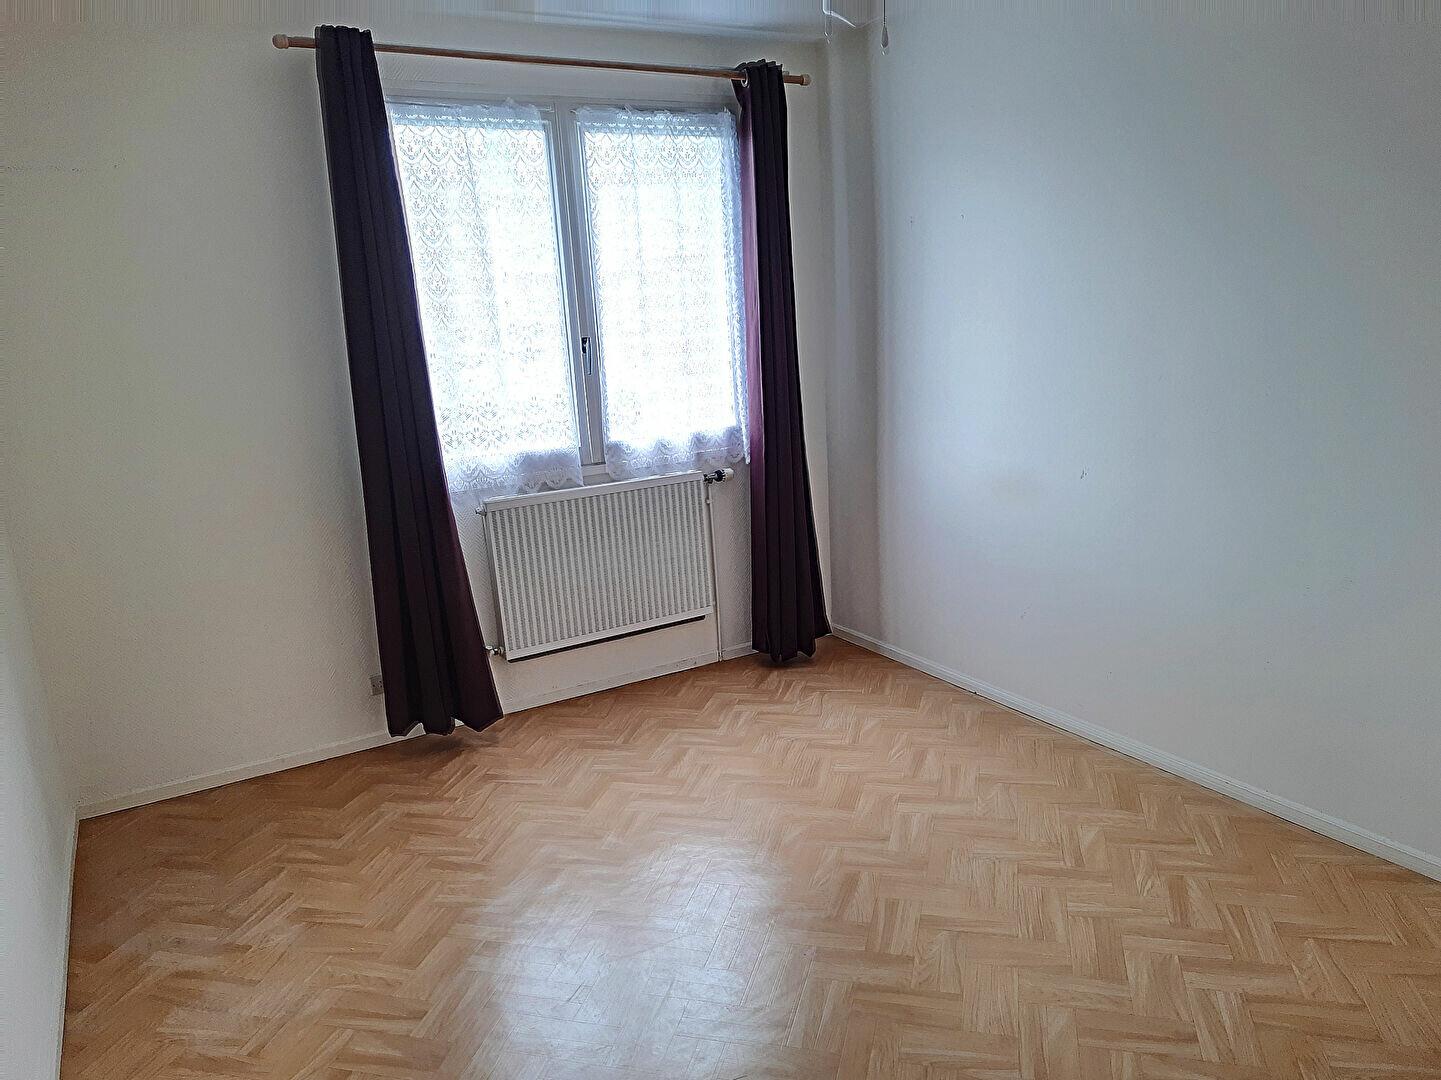 Maison à vendre 4 75m2 à Romorantin-Lanthenay vignette-5